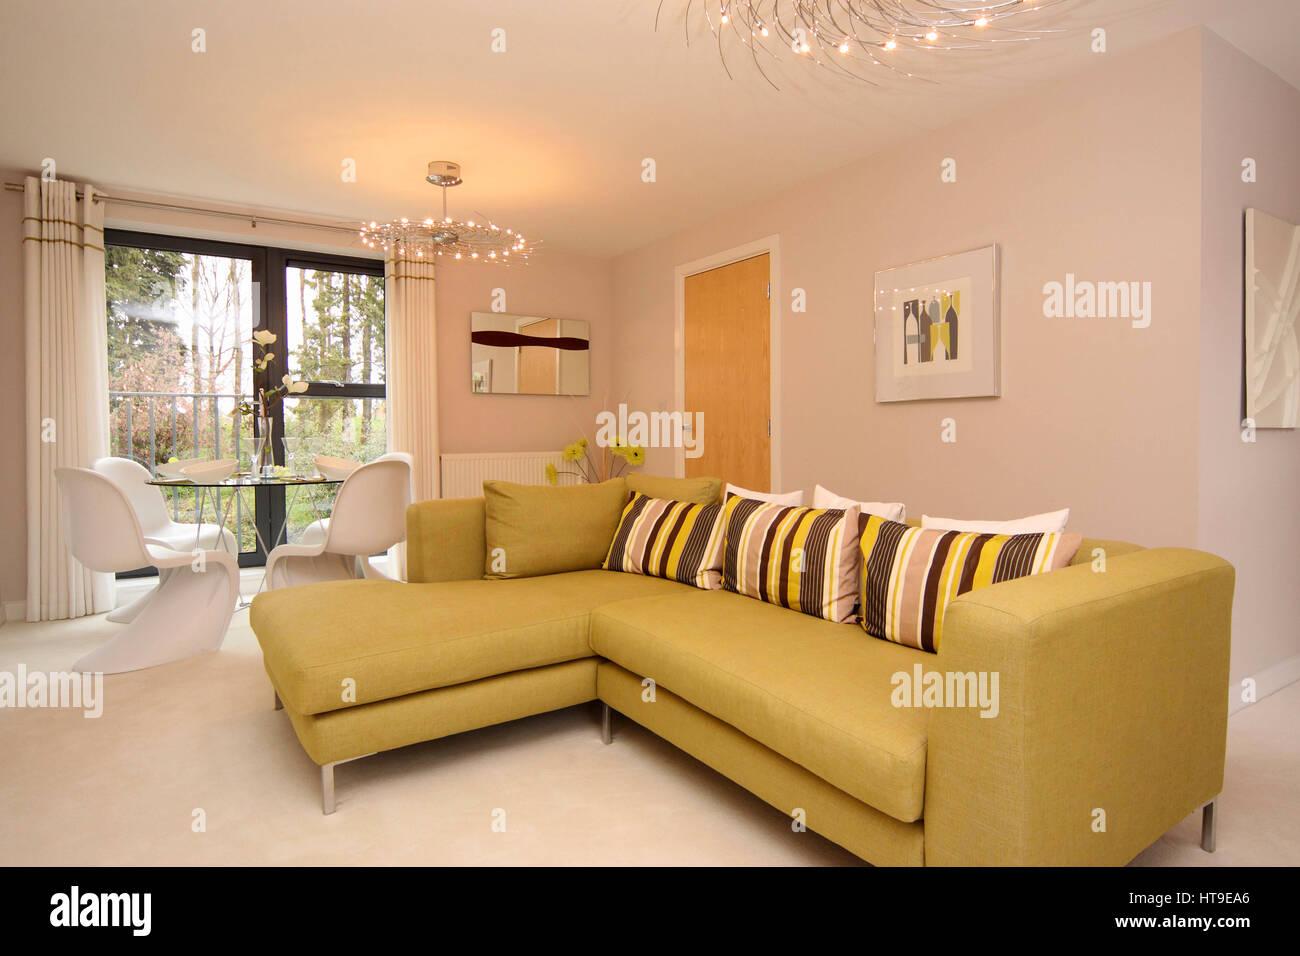 Wohngebäude, Lounge Dekor, Modernes, Neues Bauen, Gelben Sofa, Wohn  Esszimmer, Essecke,